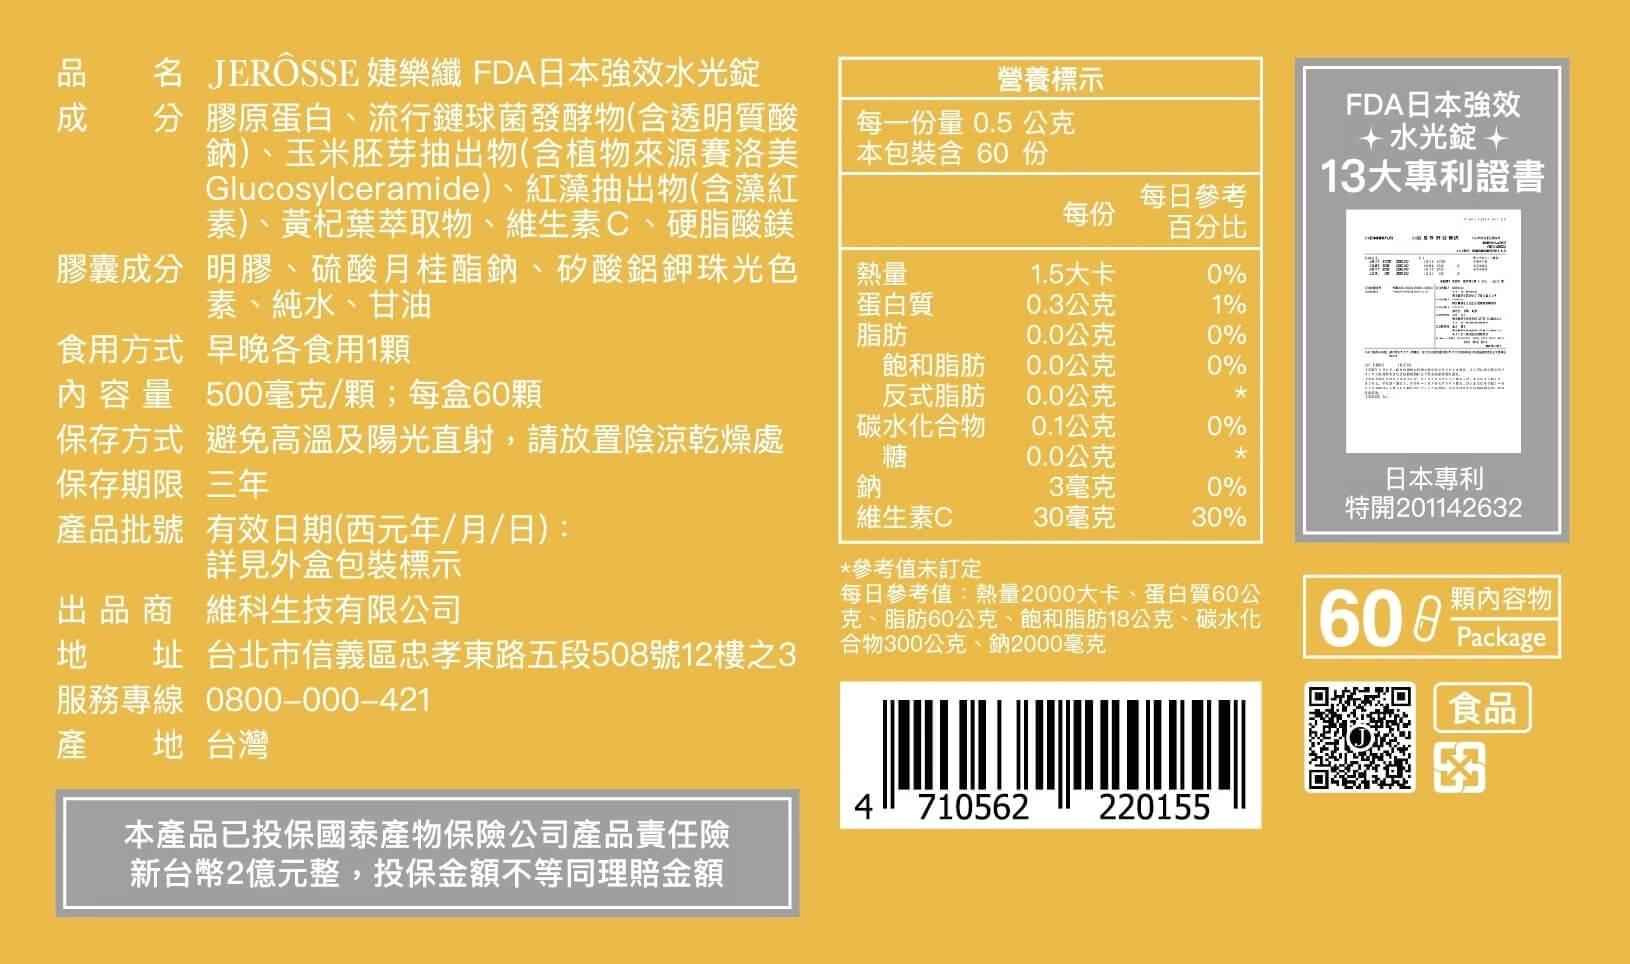 婕樂纖FDA日本強效水光錠產品成分